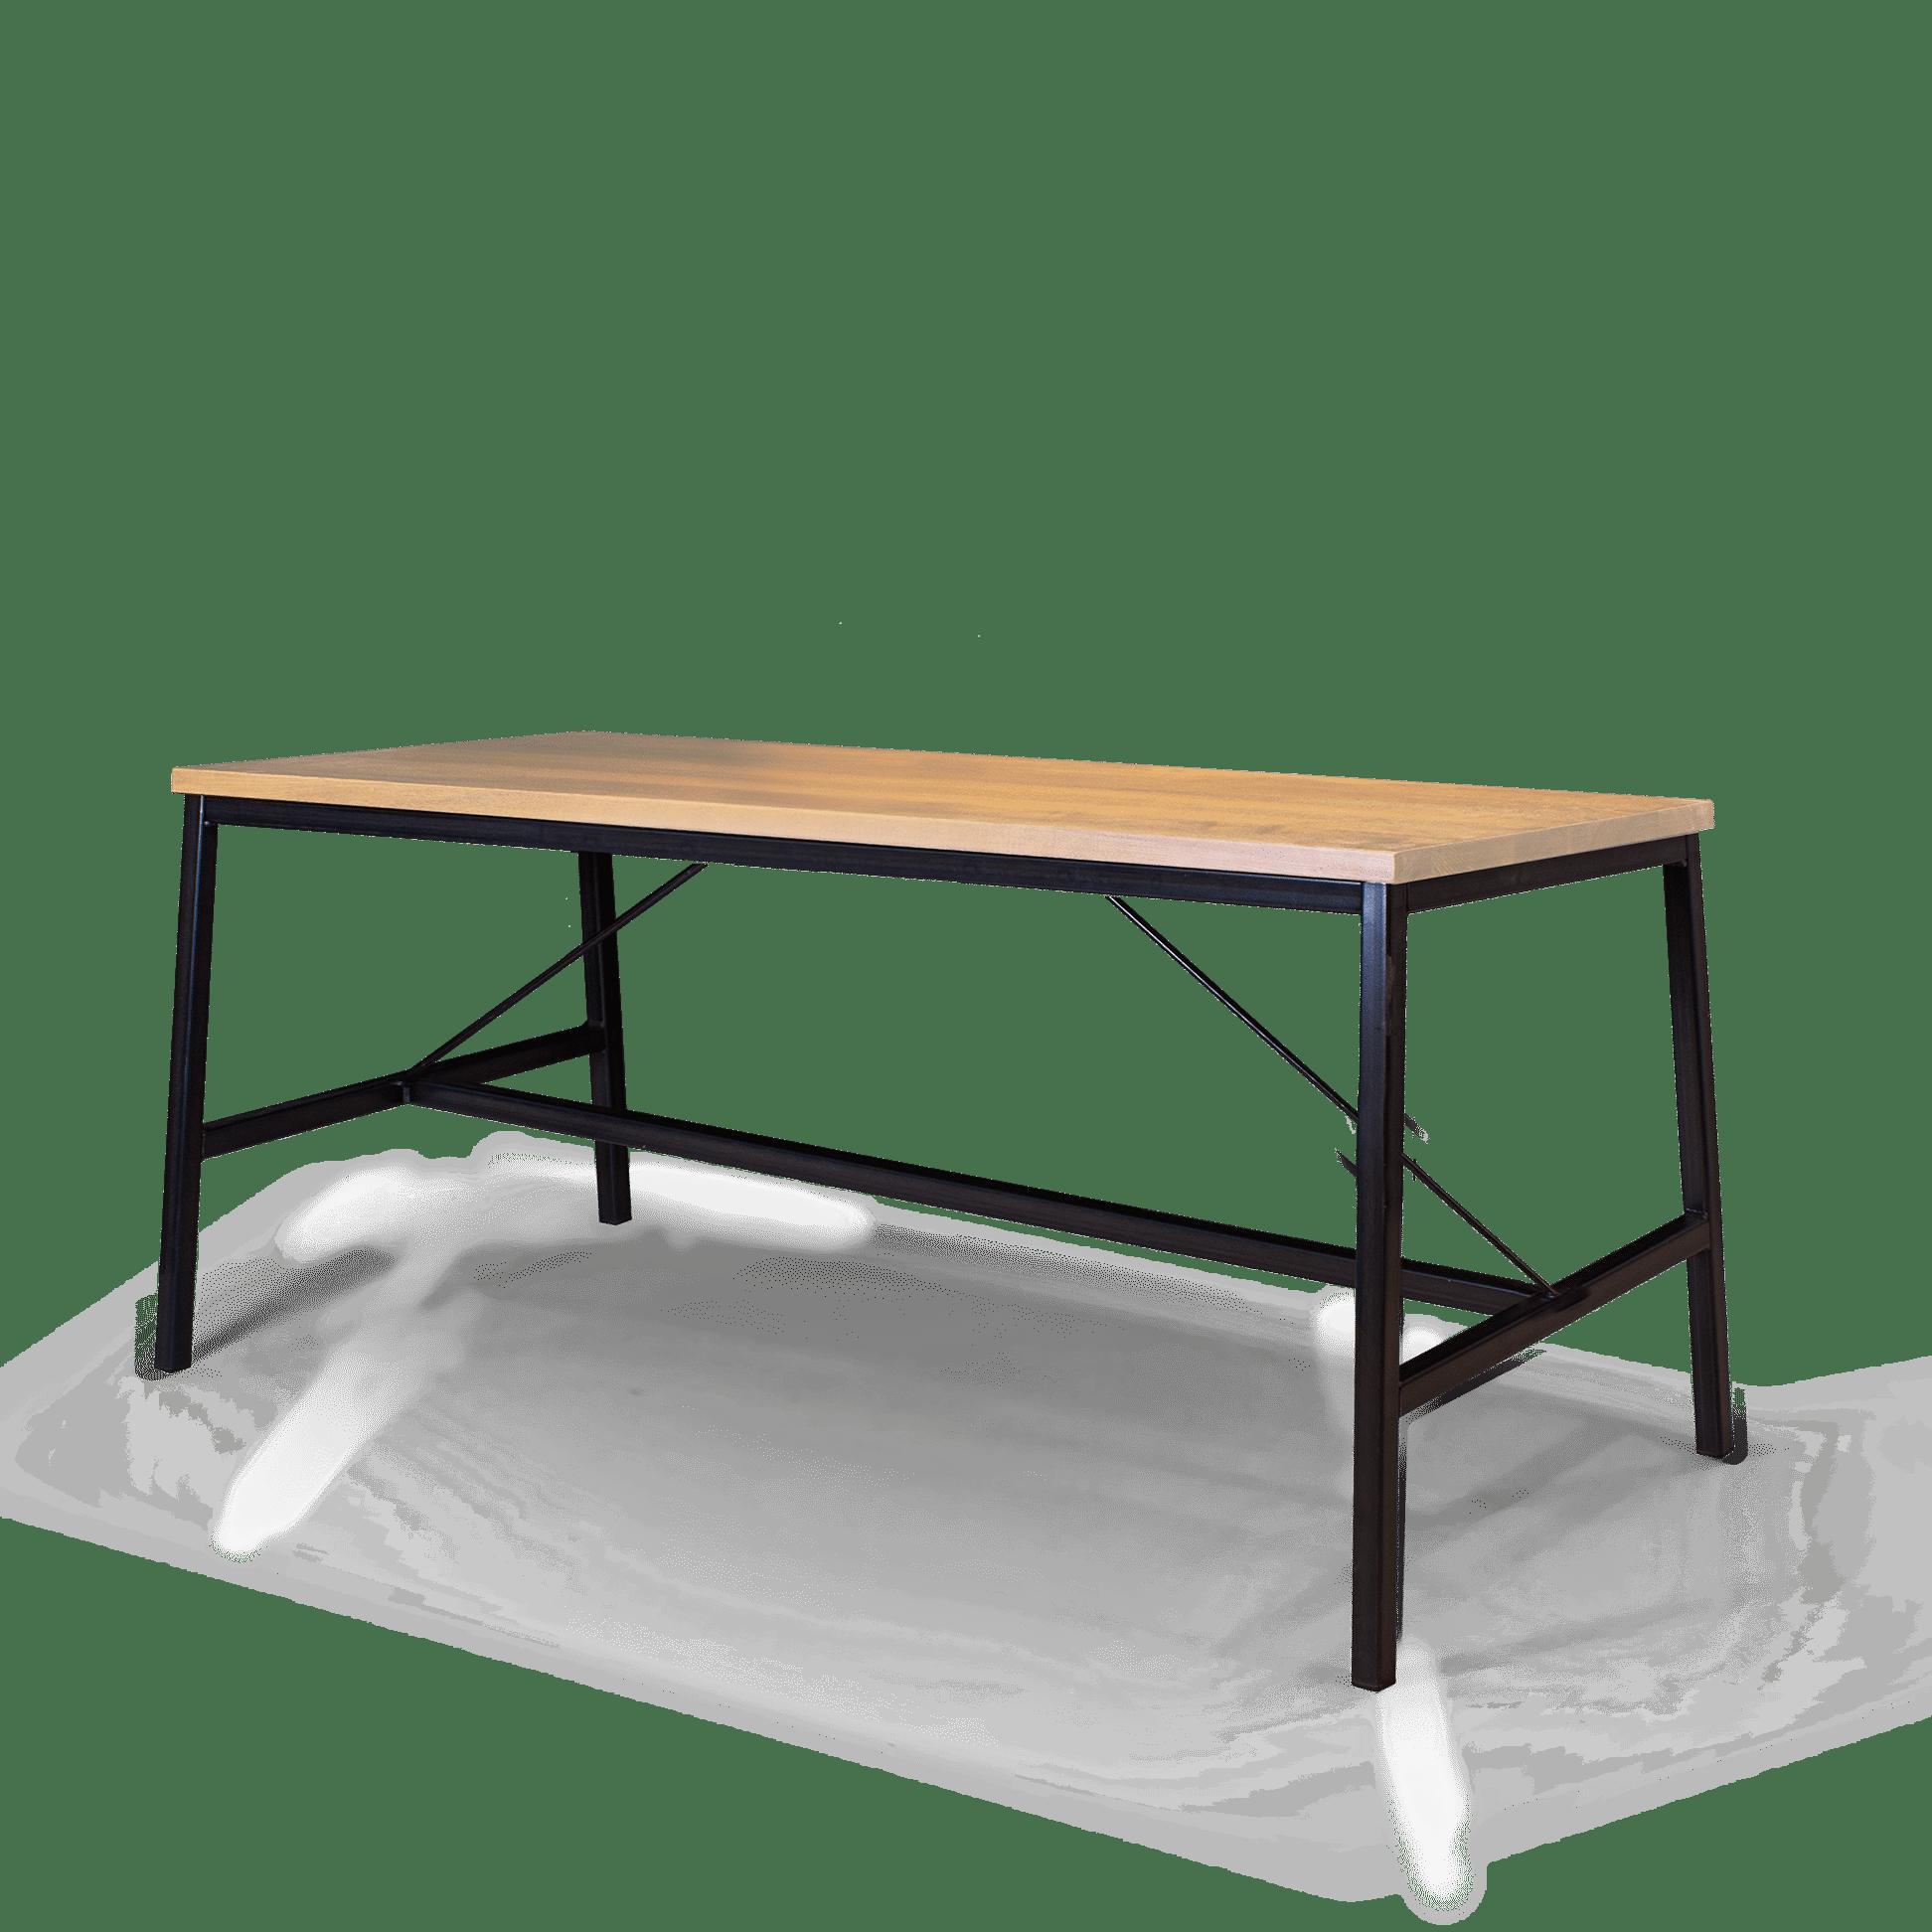 TB Fero Table Clear on Black web